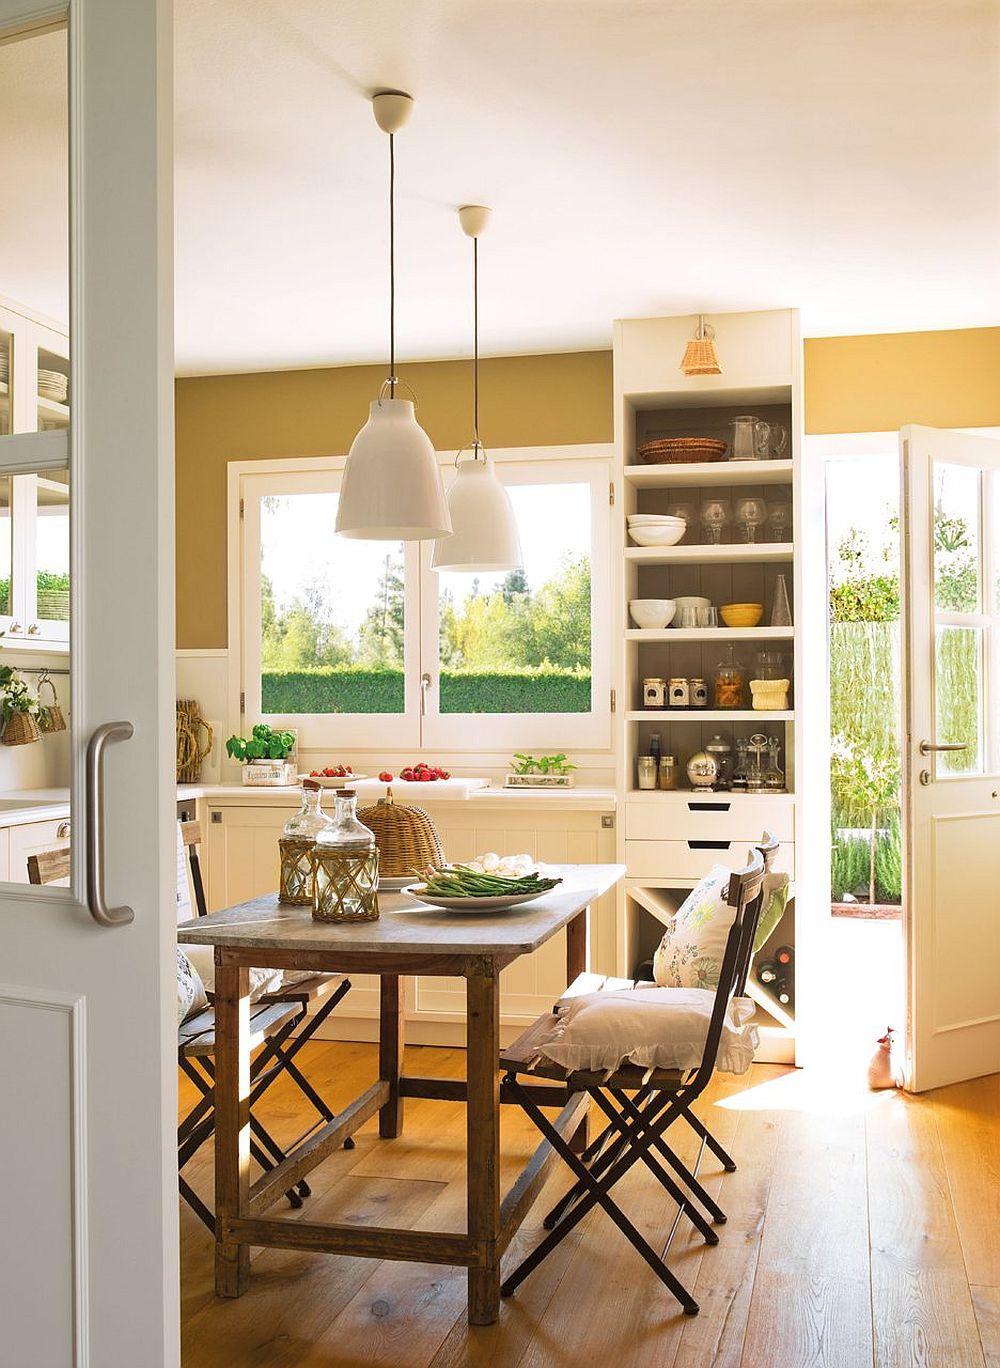 Bucătăria este folosită ca și acces secundar în casă. De ce? Pentru că fiind o casă la țară, o mare parte din timp este petrecut afară, în curte. Așa că la nevoie trebuie să existe un acces facil către bucătărie. Ușa, dar și ferestrele de aici au fost mărite, însă fiecare spațiu a fost ulterior exploatat pentru poziționarea mobilierului.